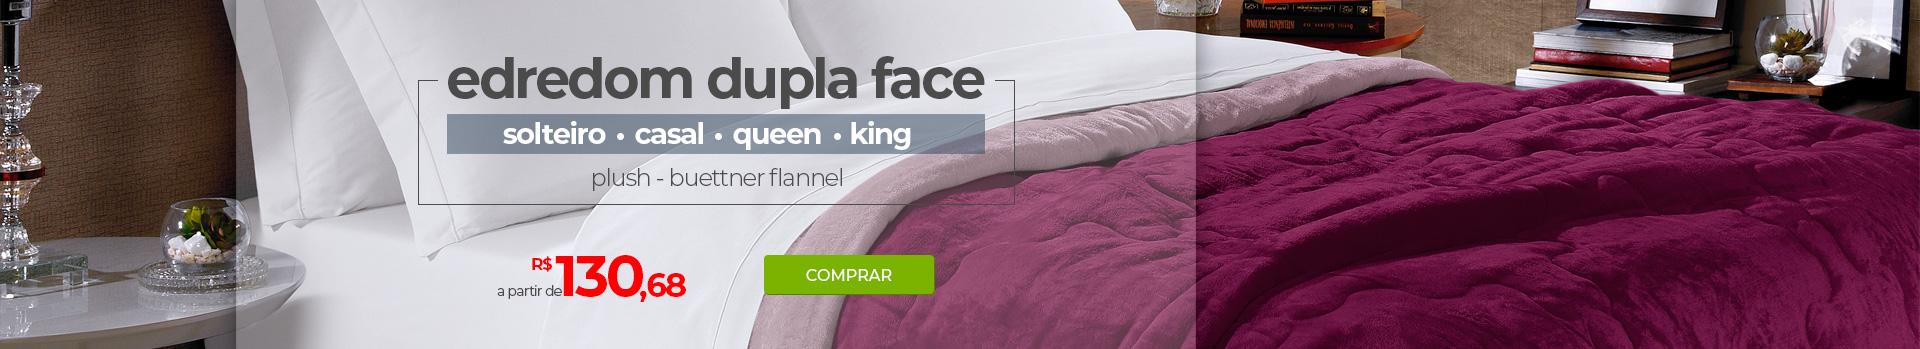 Edredom Dupla Face Buettner Flannel - Solteiro, Casal, Queen e King | A partir de R$130,68 | Loja Buettner | Compre Agora!